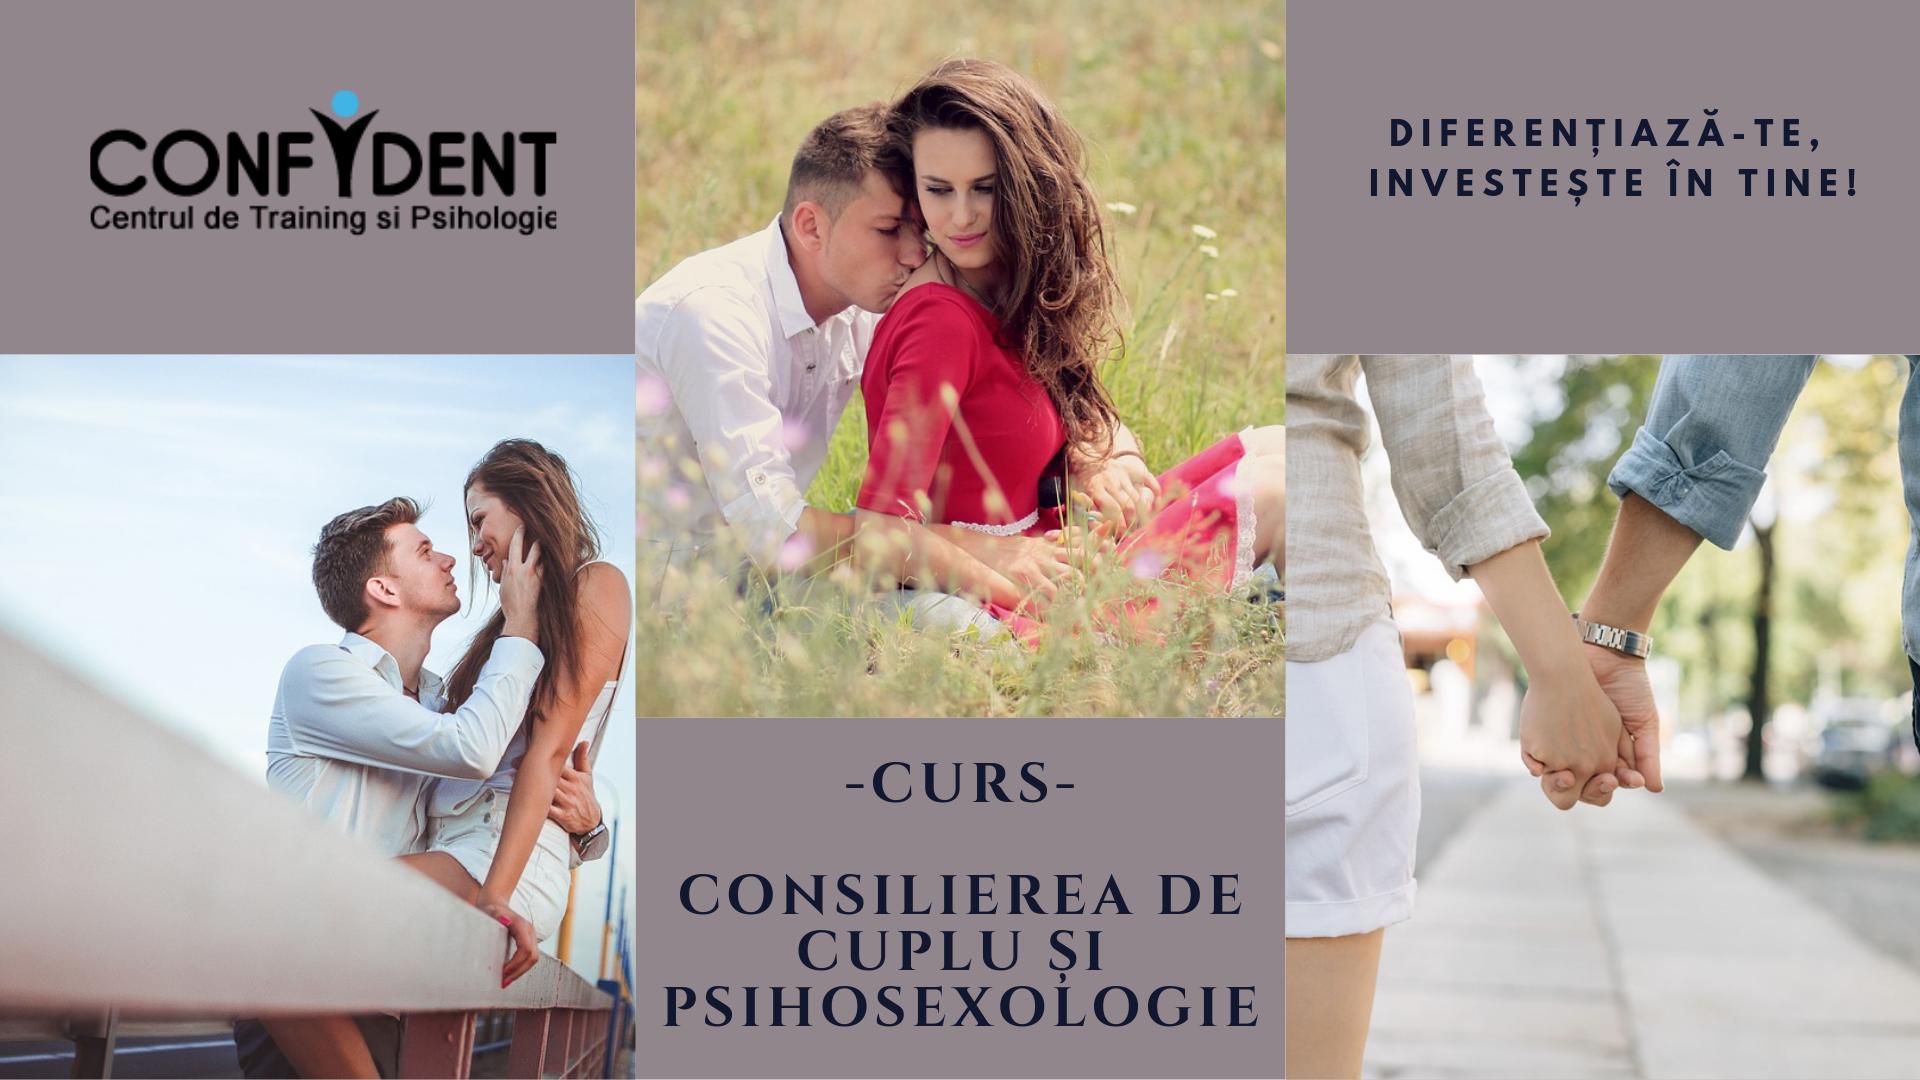 curs consilierea cuplurilor si psihosexologie